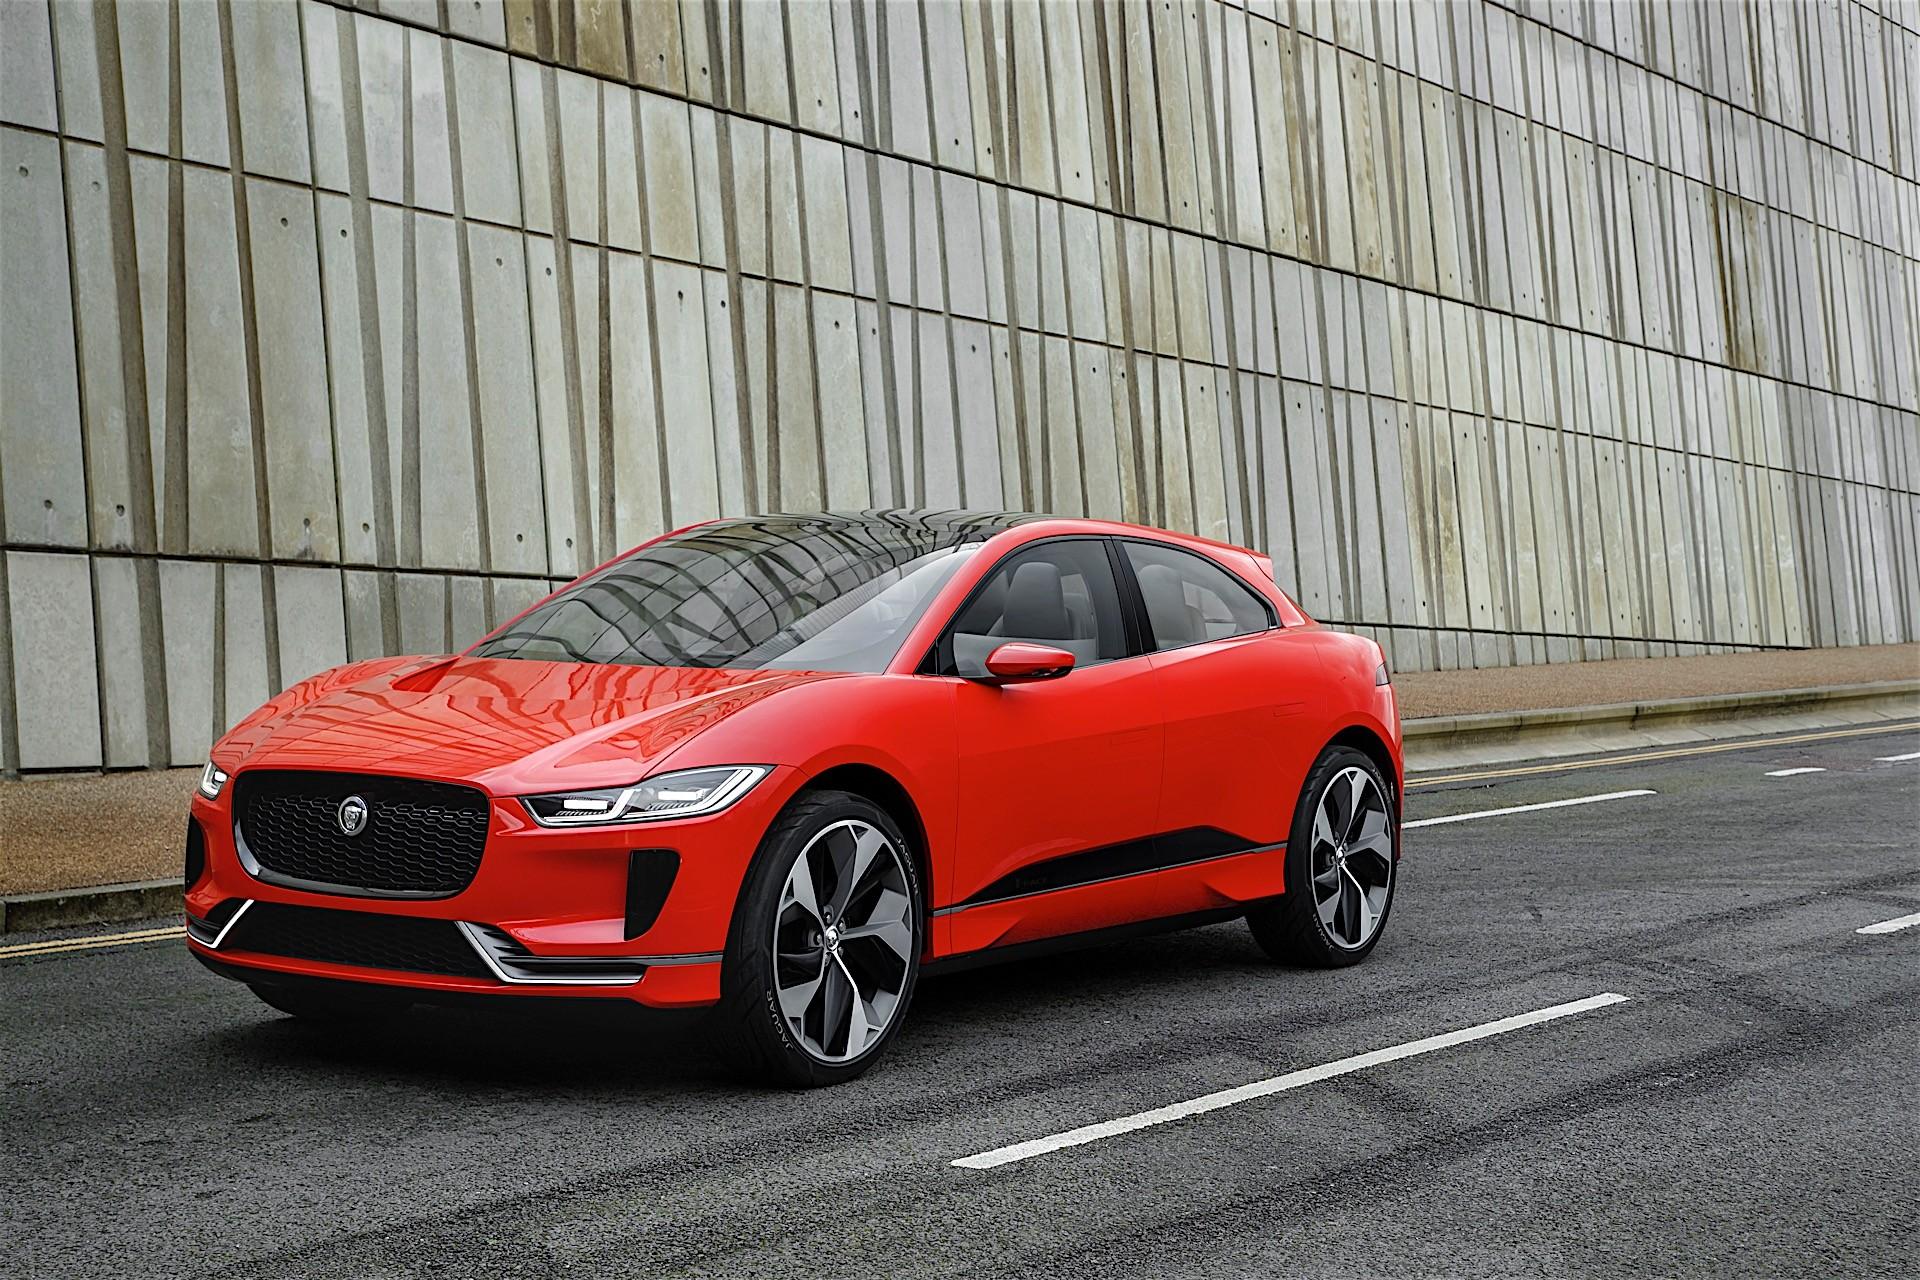 jaguar electric suv to debut at 2017 frankfurt motor show. Black Bedroom Furniture Sets. Home Design Ideas